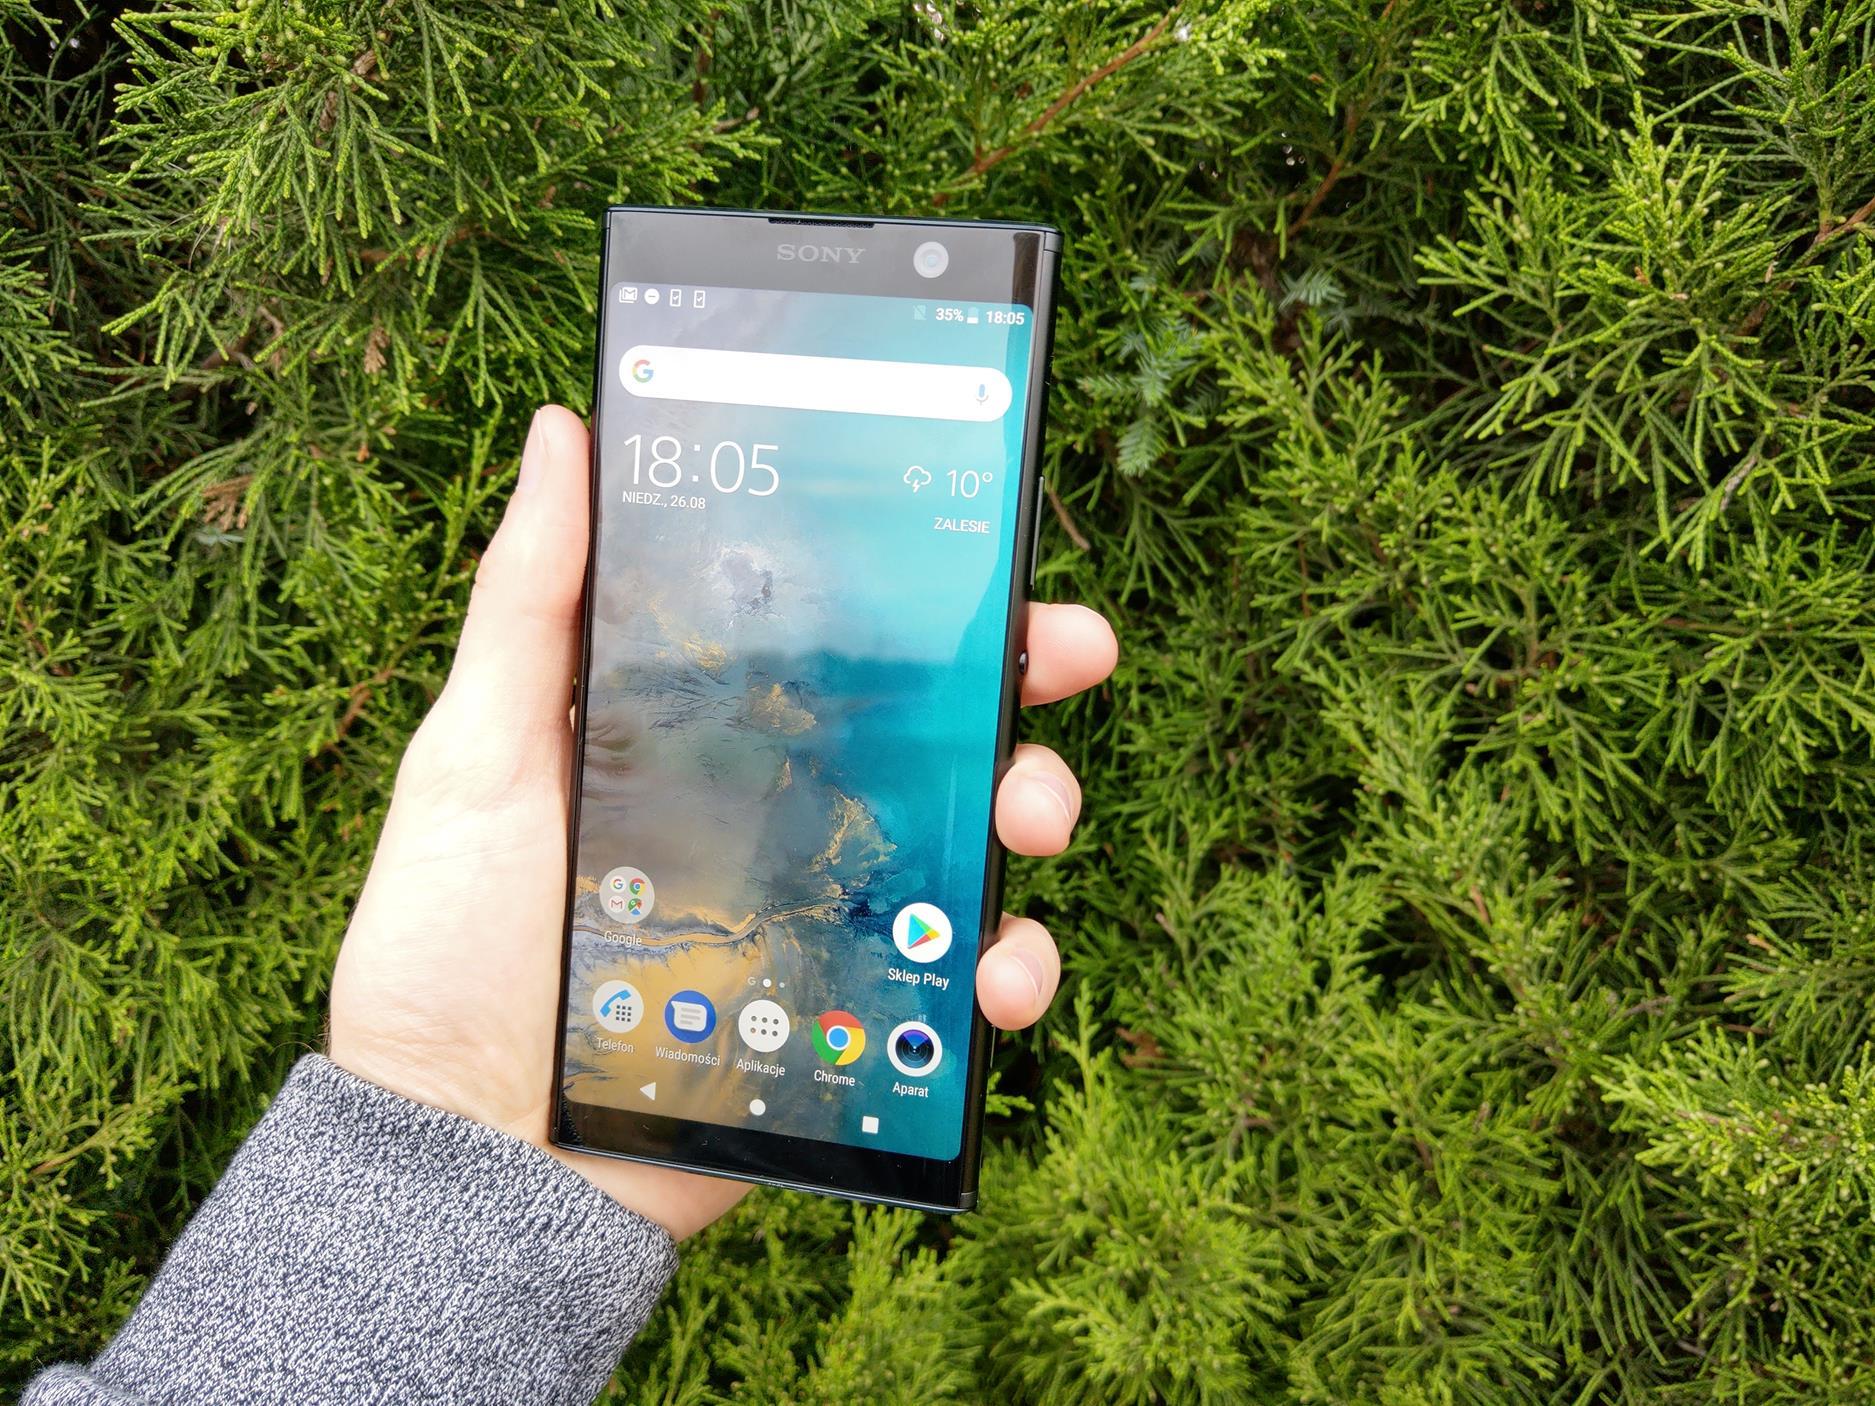 Recenzja Sony Xperia XA2 Plus. To dobry smartfon, ale nie zabrakło kilku rozczarowań 21